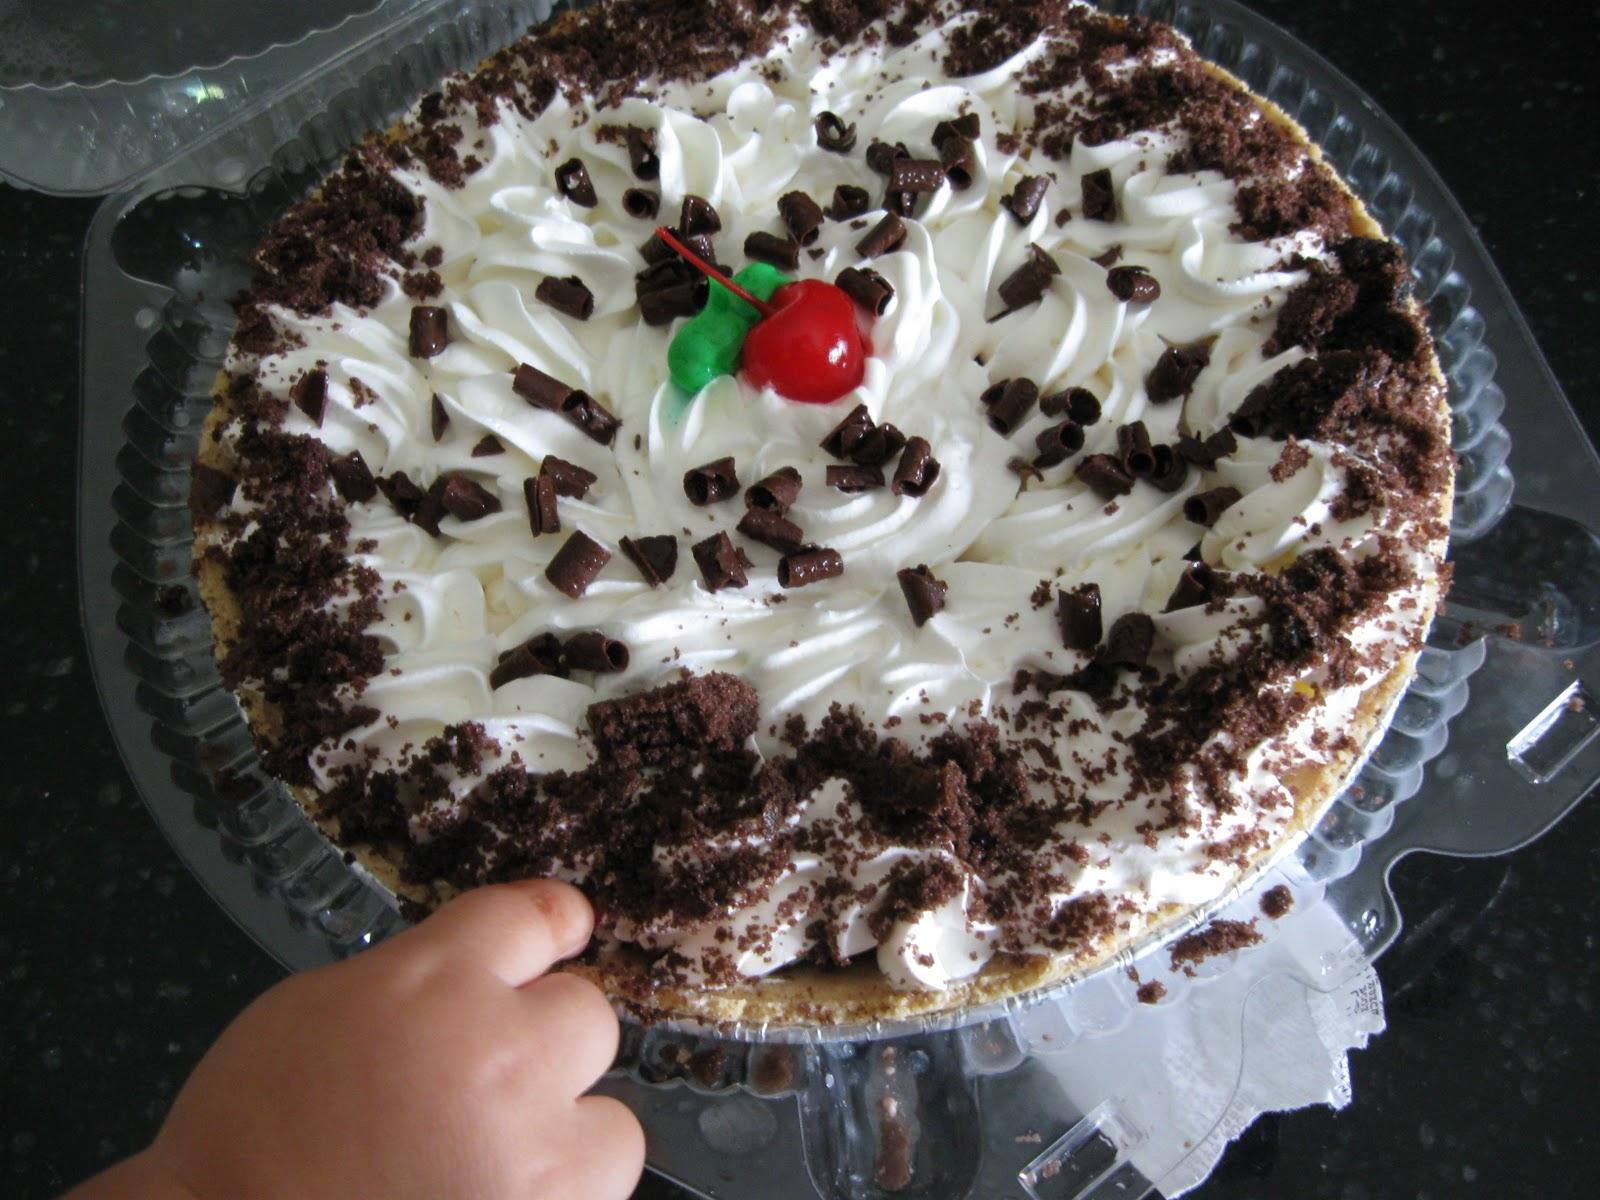 Let Them Eat Cake: Chocolate Cream Pie